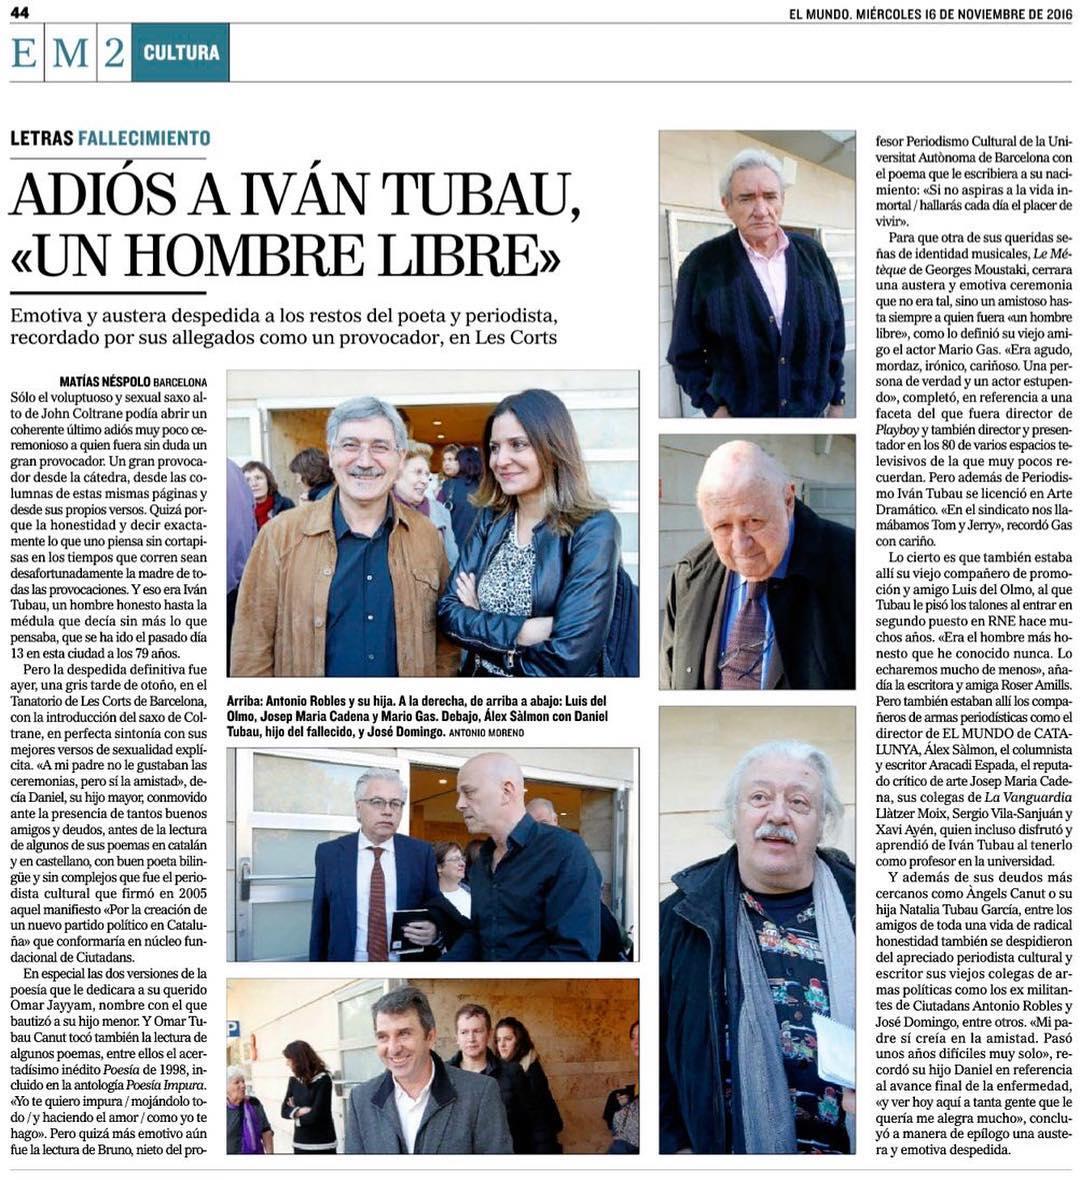 """""""Adiós a Iván Tubau, un hombre libre"""", en @elmundobcn por @matiasnespolo"""